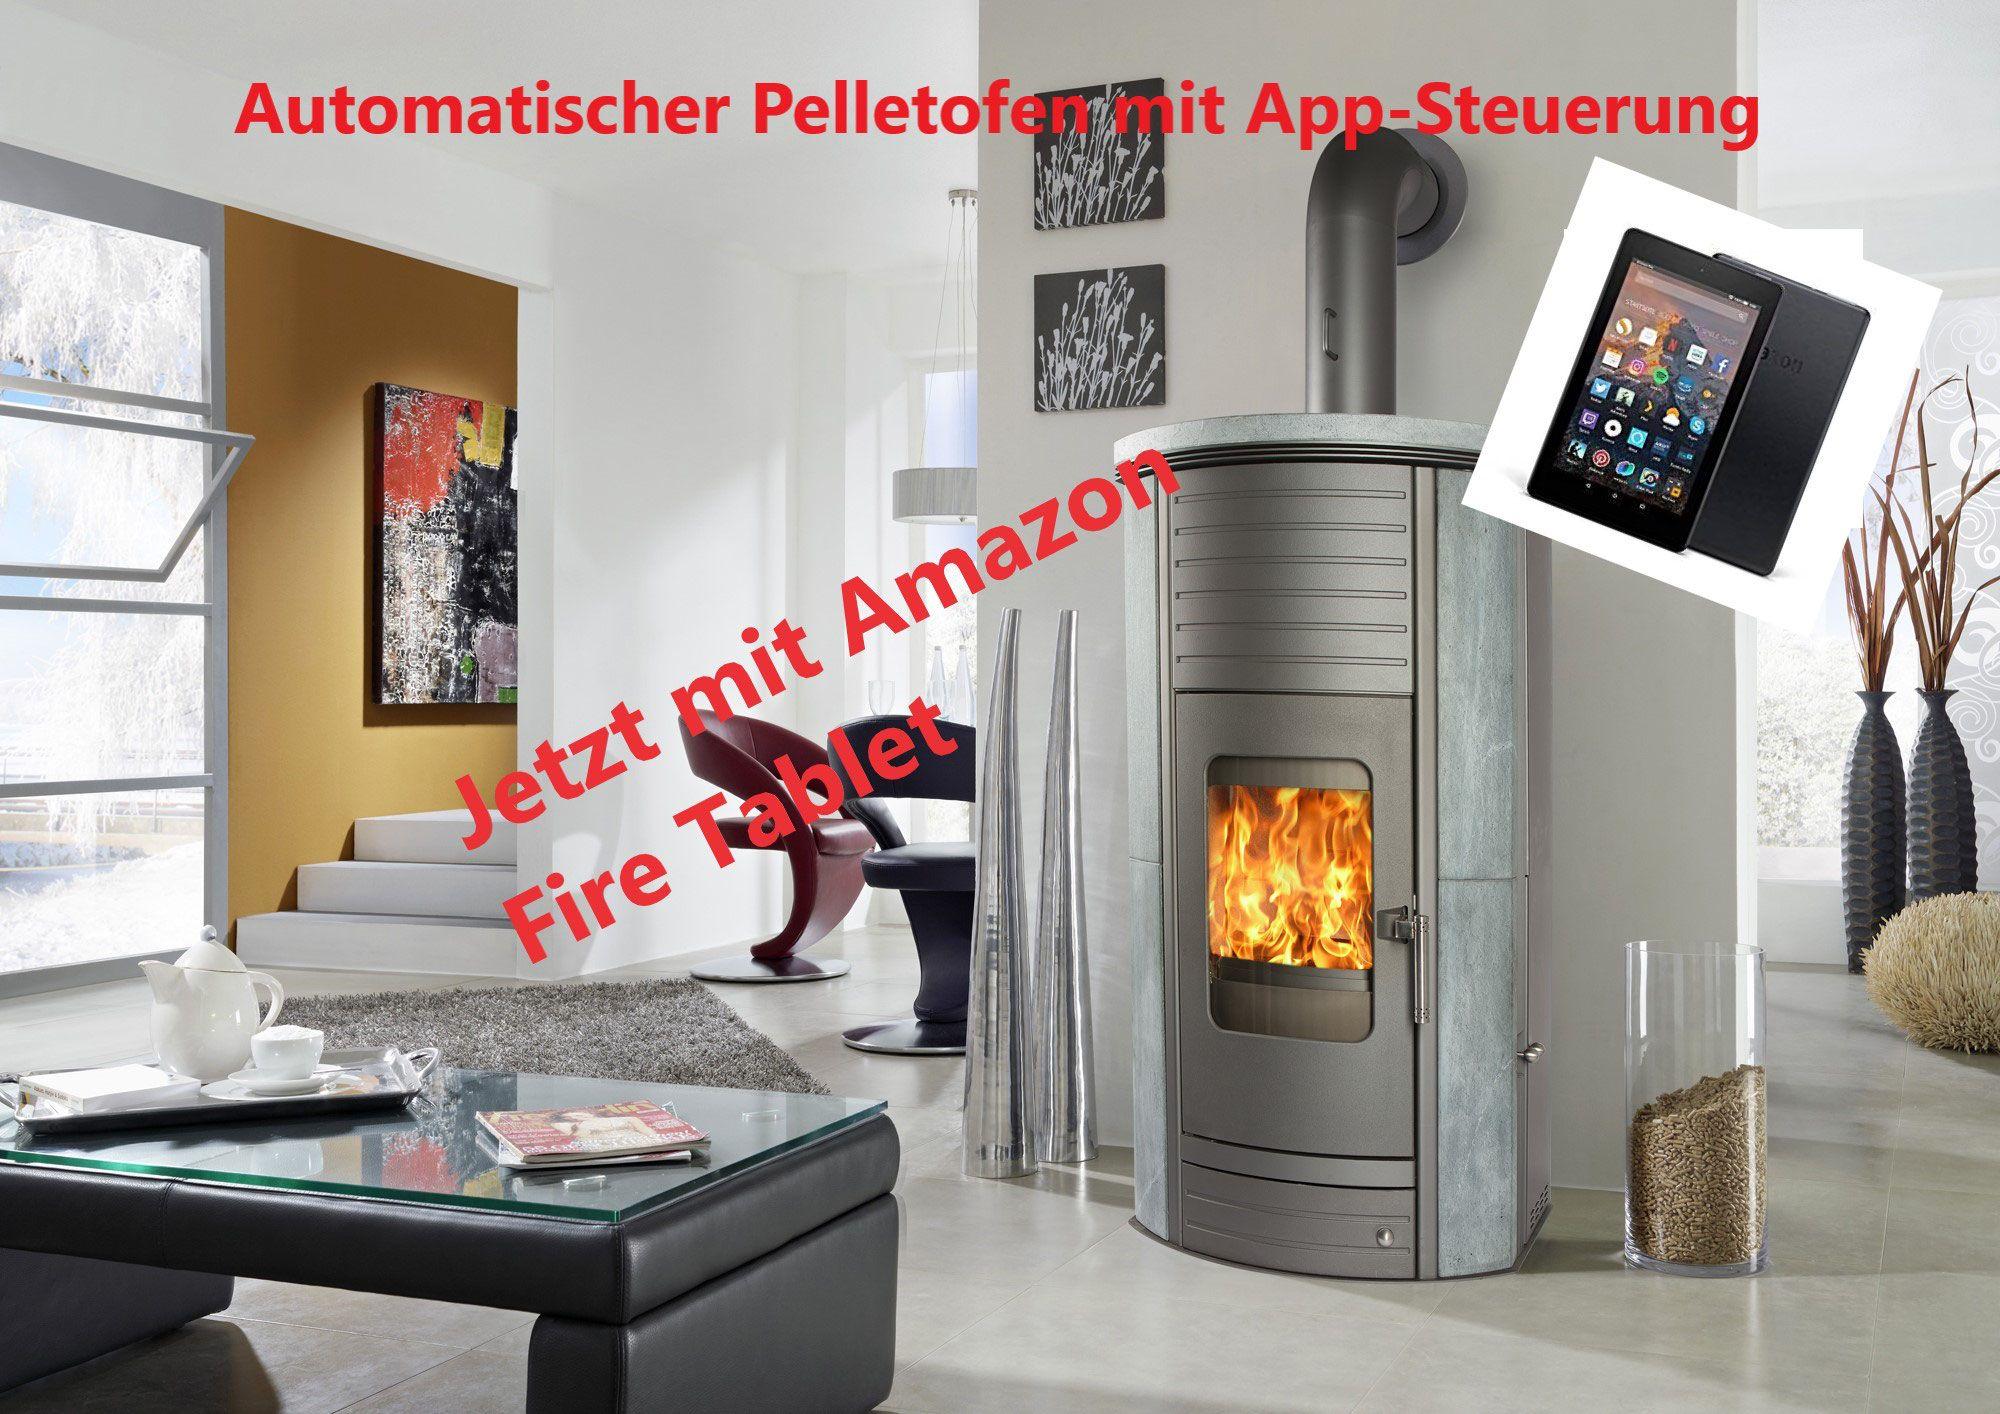 Automatischer Pelletofen Mit Tablet Und App Steuerung Kaminofen Schornstein Pelletofen